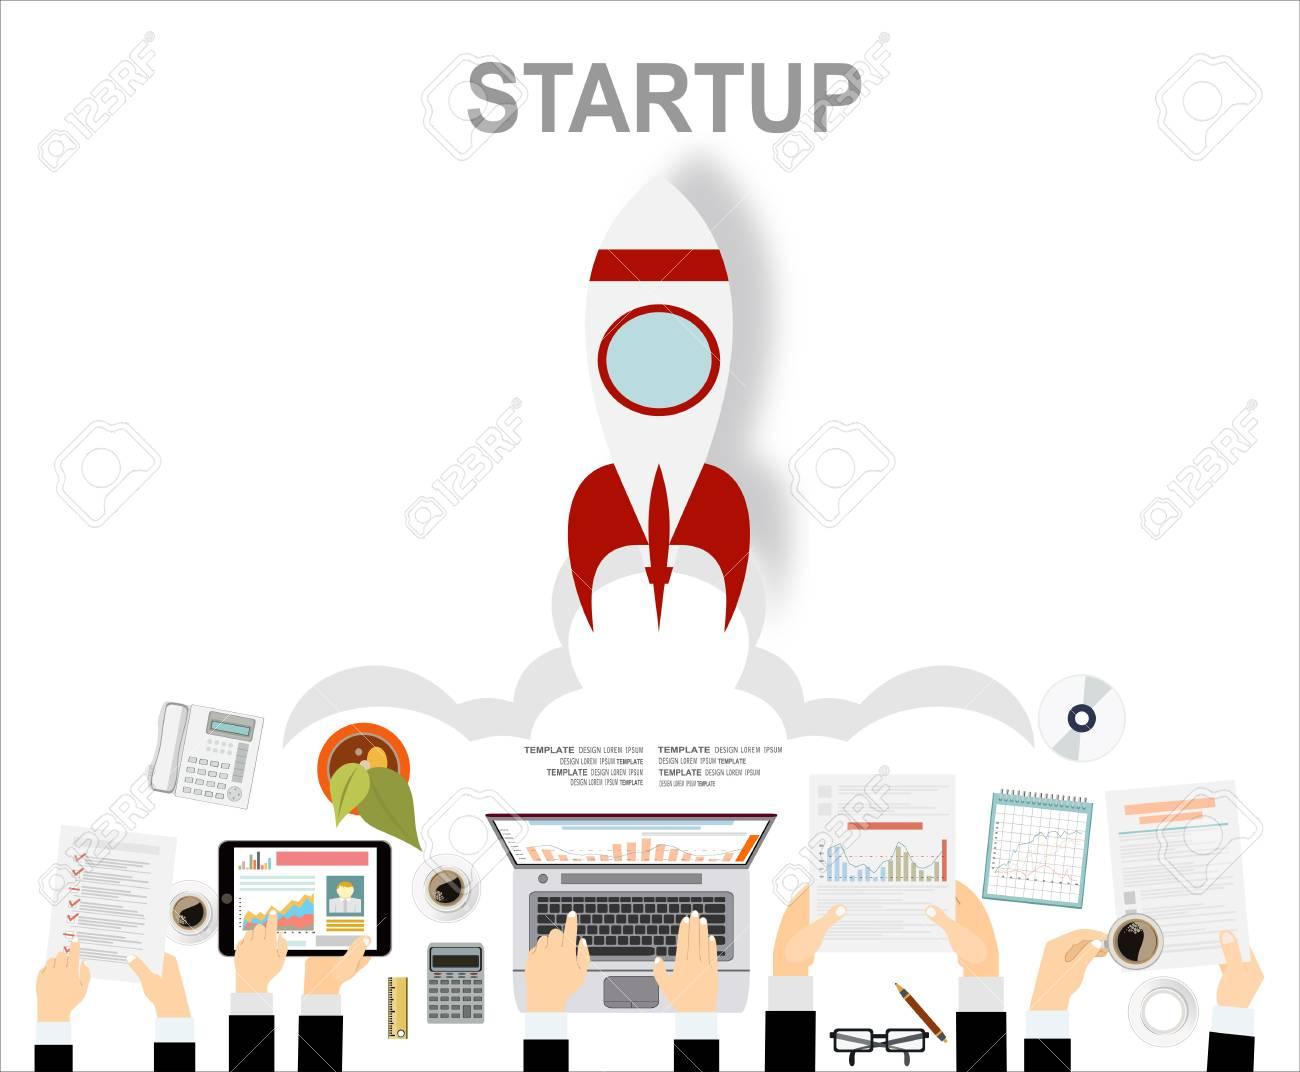 Concepto De Diseño Plano De Idea Startup Y Business Startup. Diseño ...